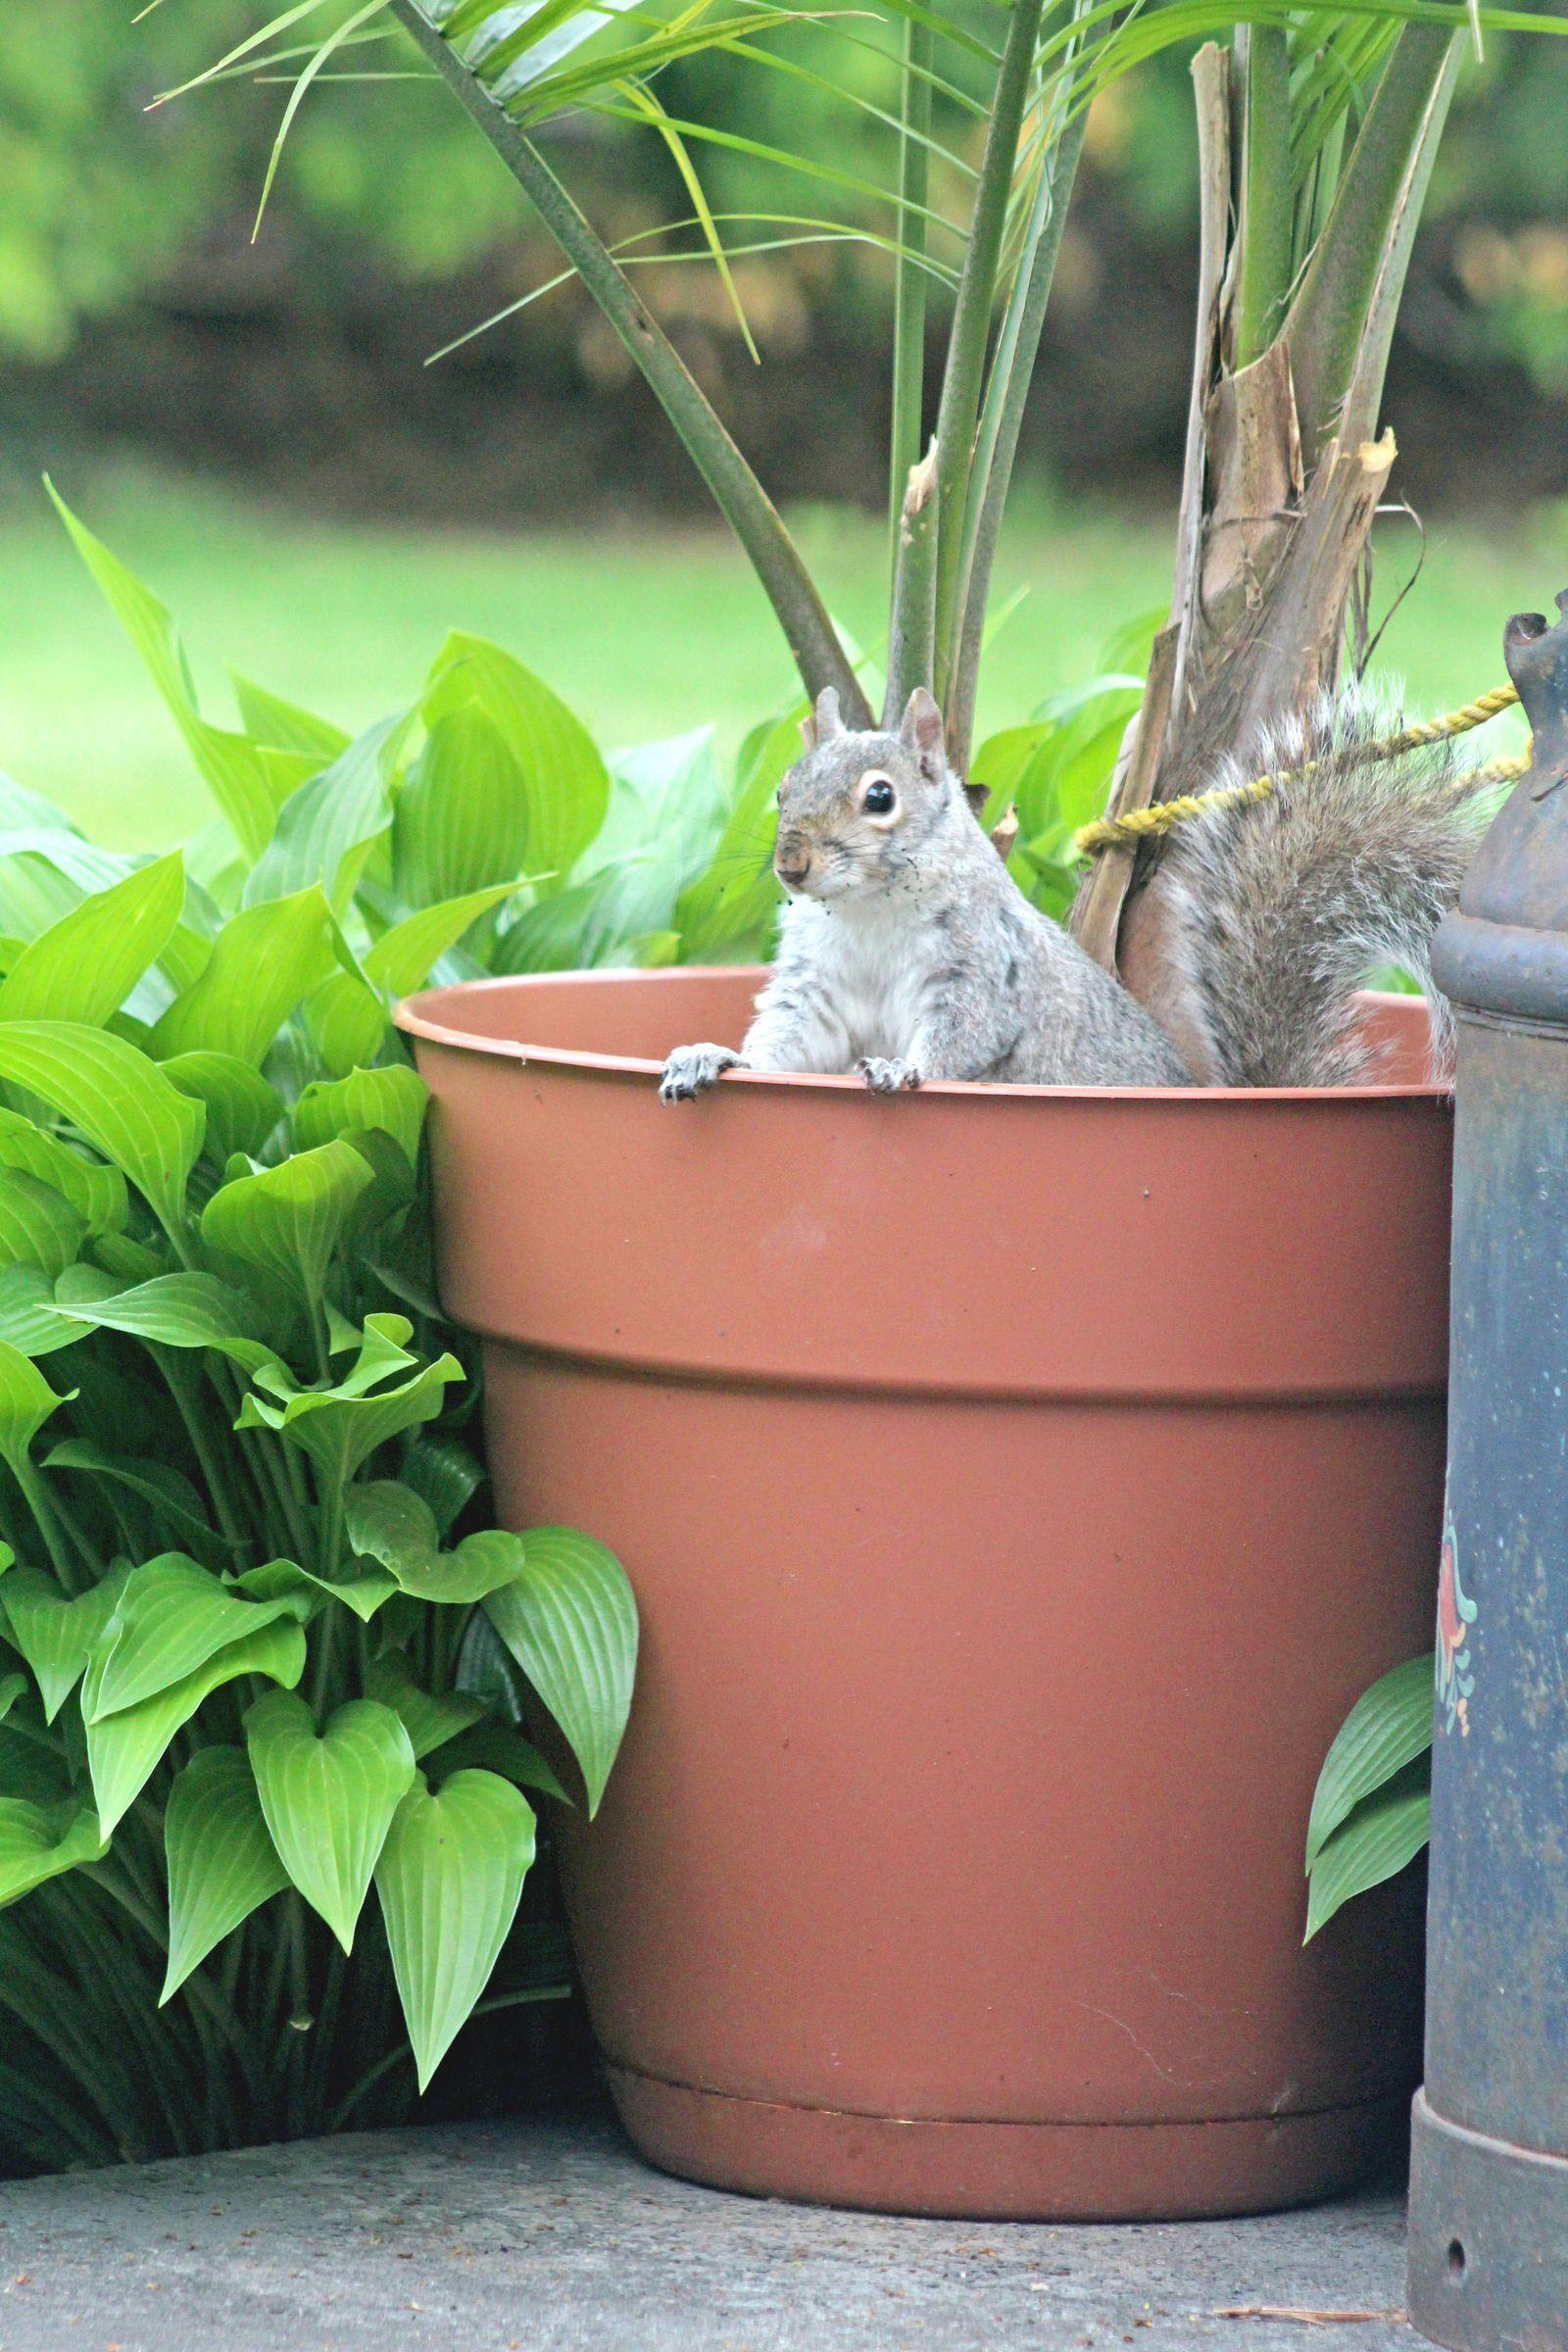 8e9096c4d6ccb0dadaa7cfcd5af040c8 - How To Get Rid Of Squirrels The Natural Way